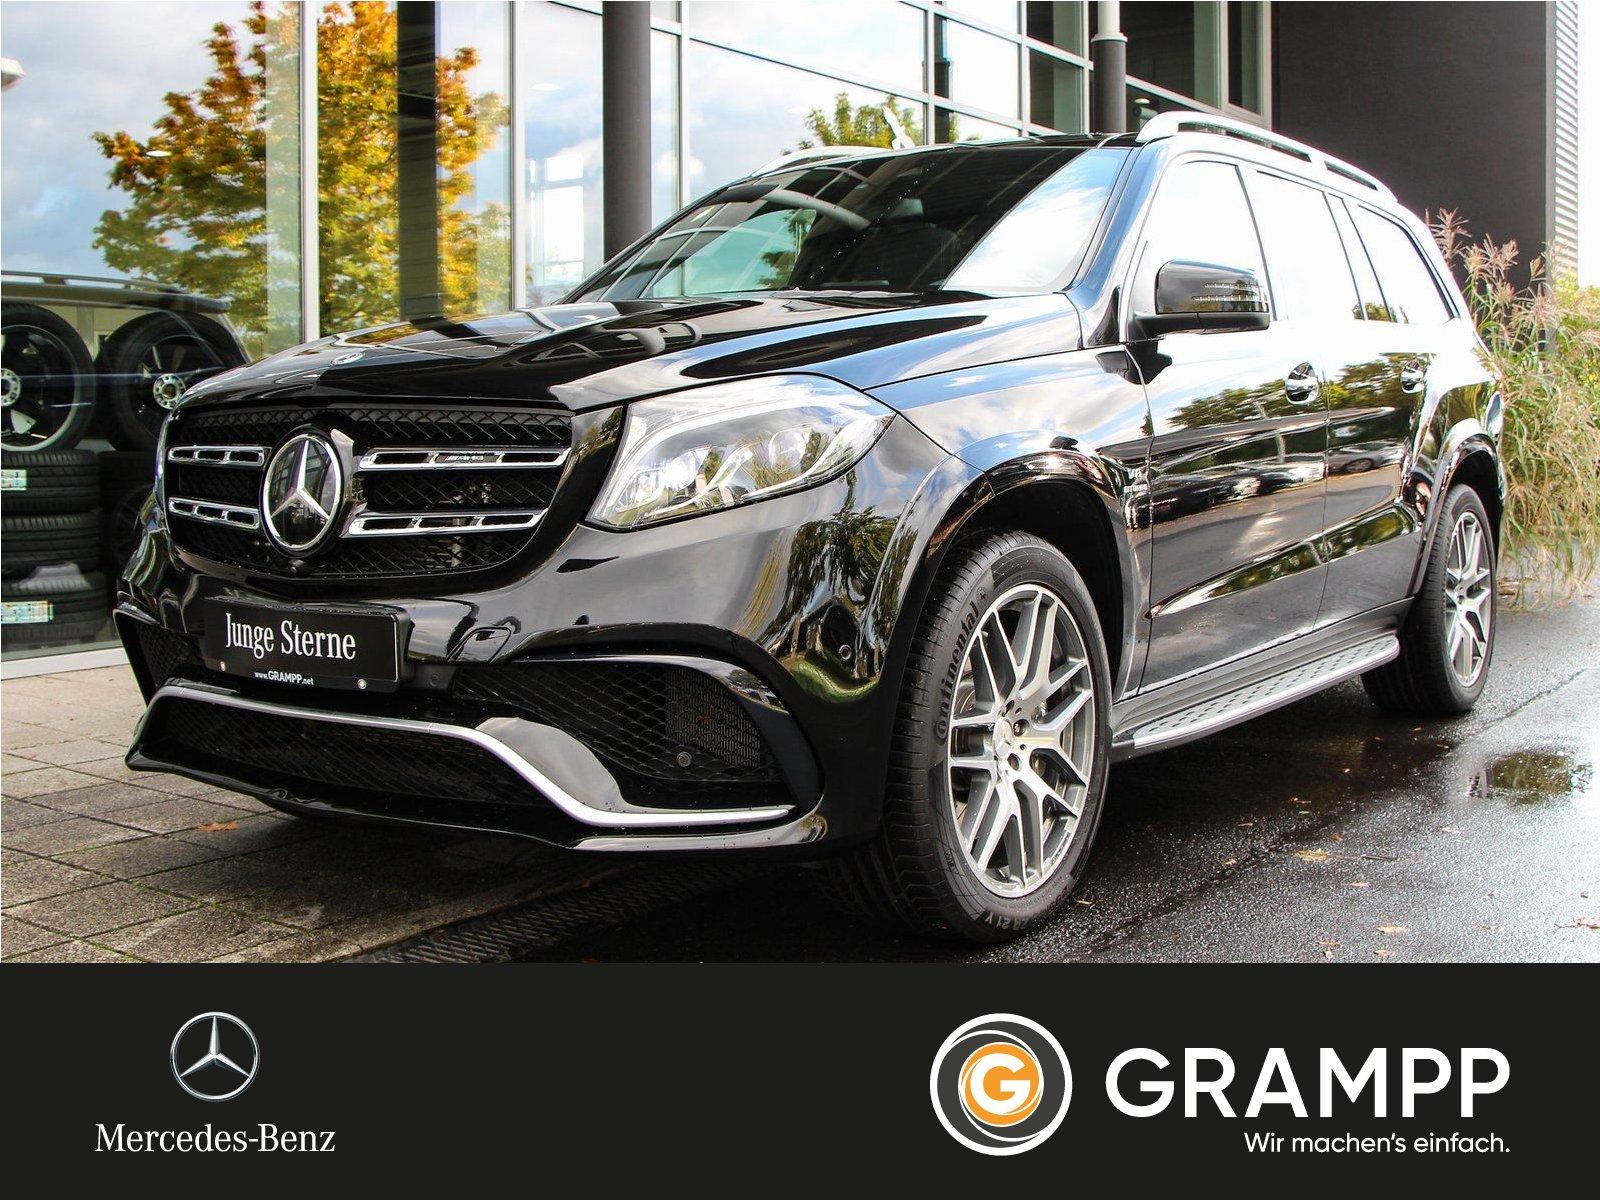 Mercedes-Benz GLS 63 AMG 4M Fahr-Paket/AHK/Panorama/Sitzklima, Jahr 2019, Benzin